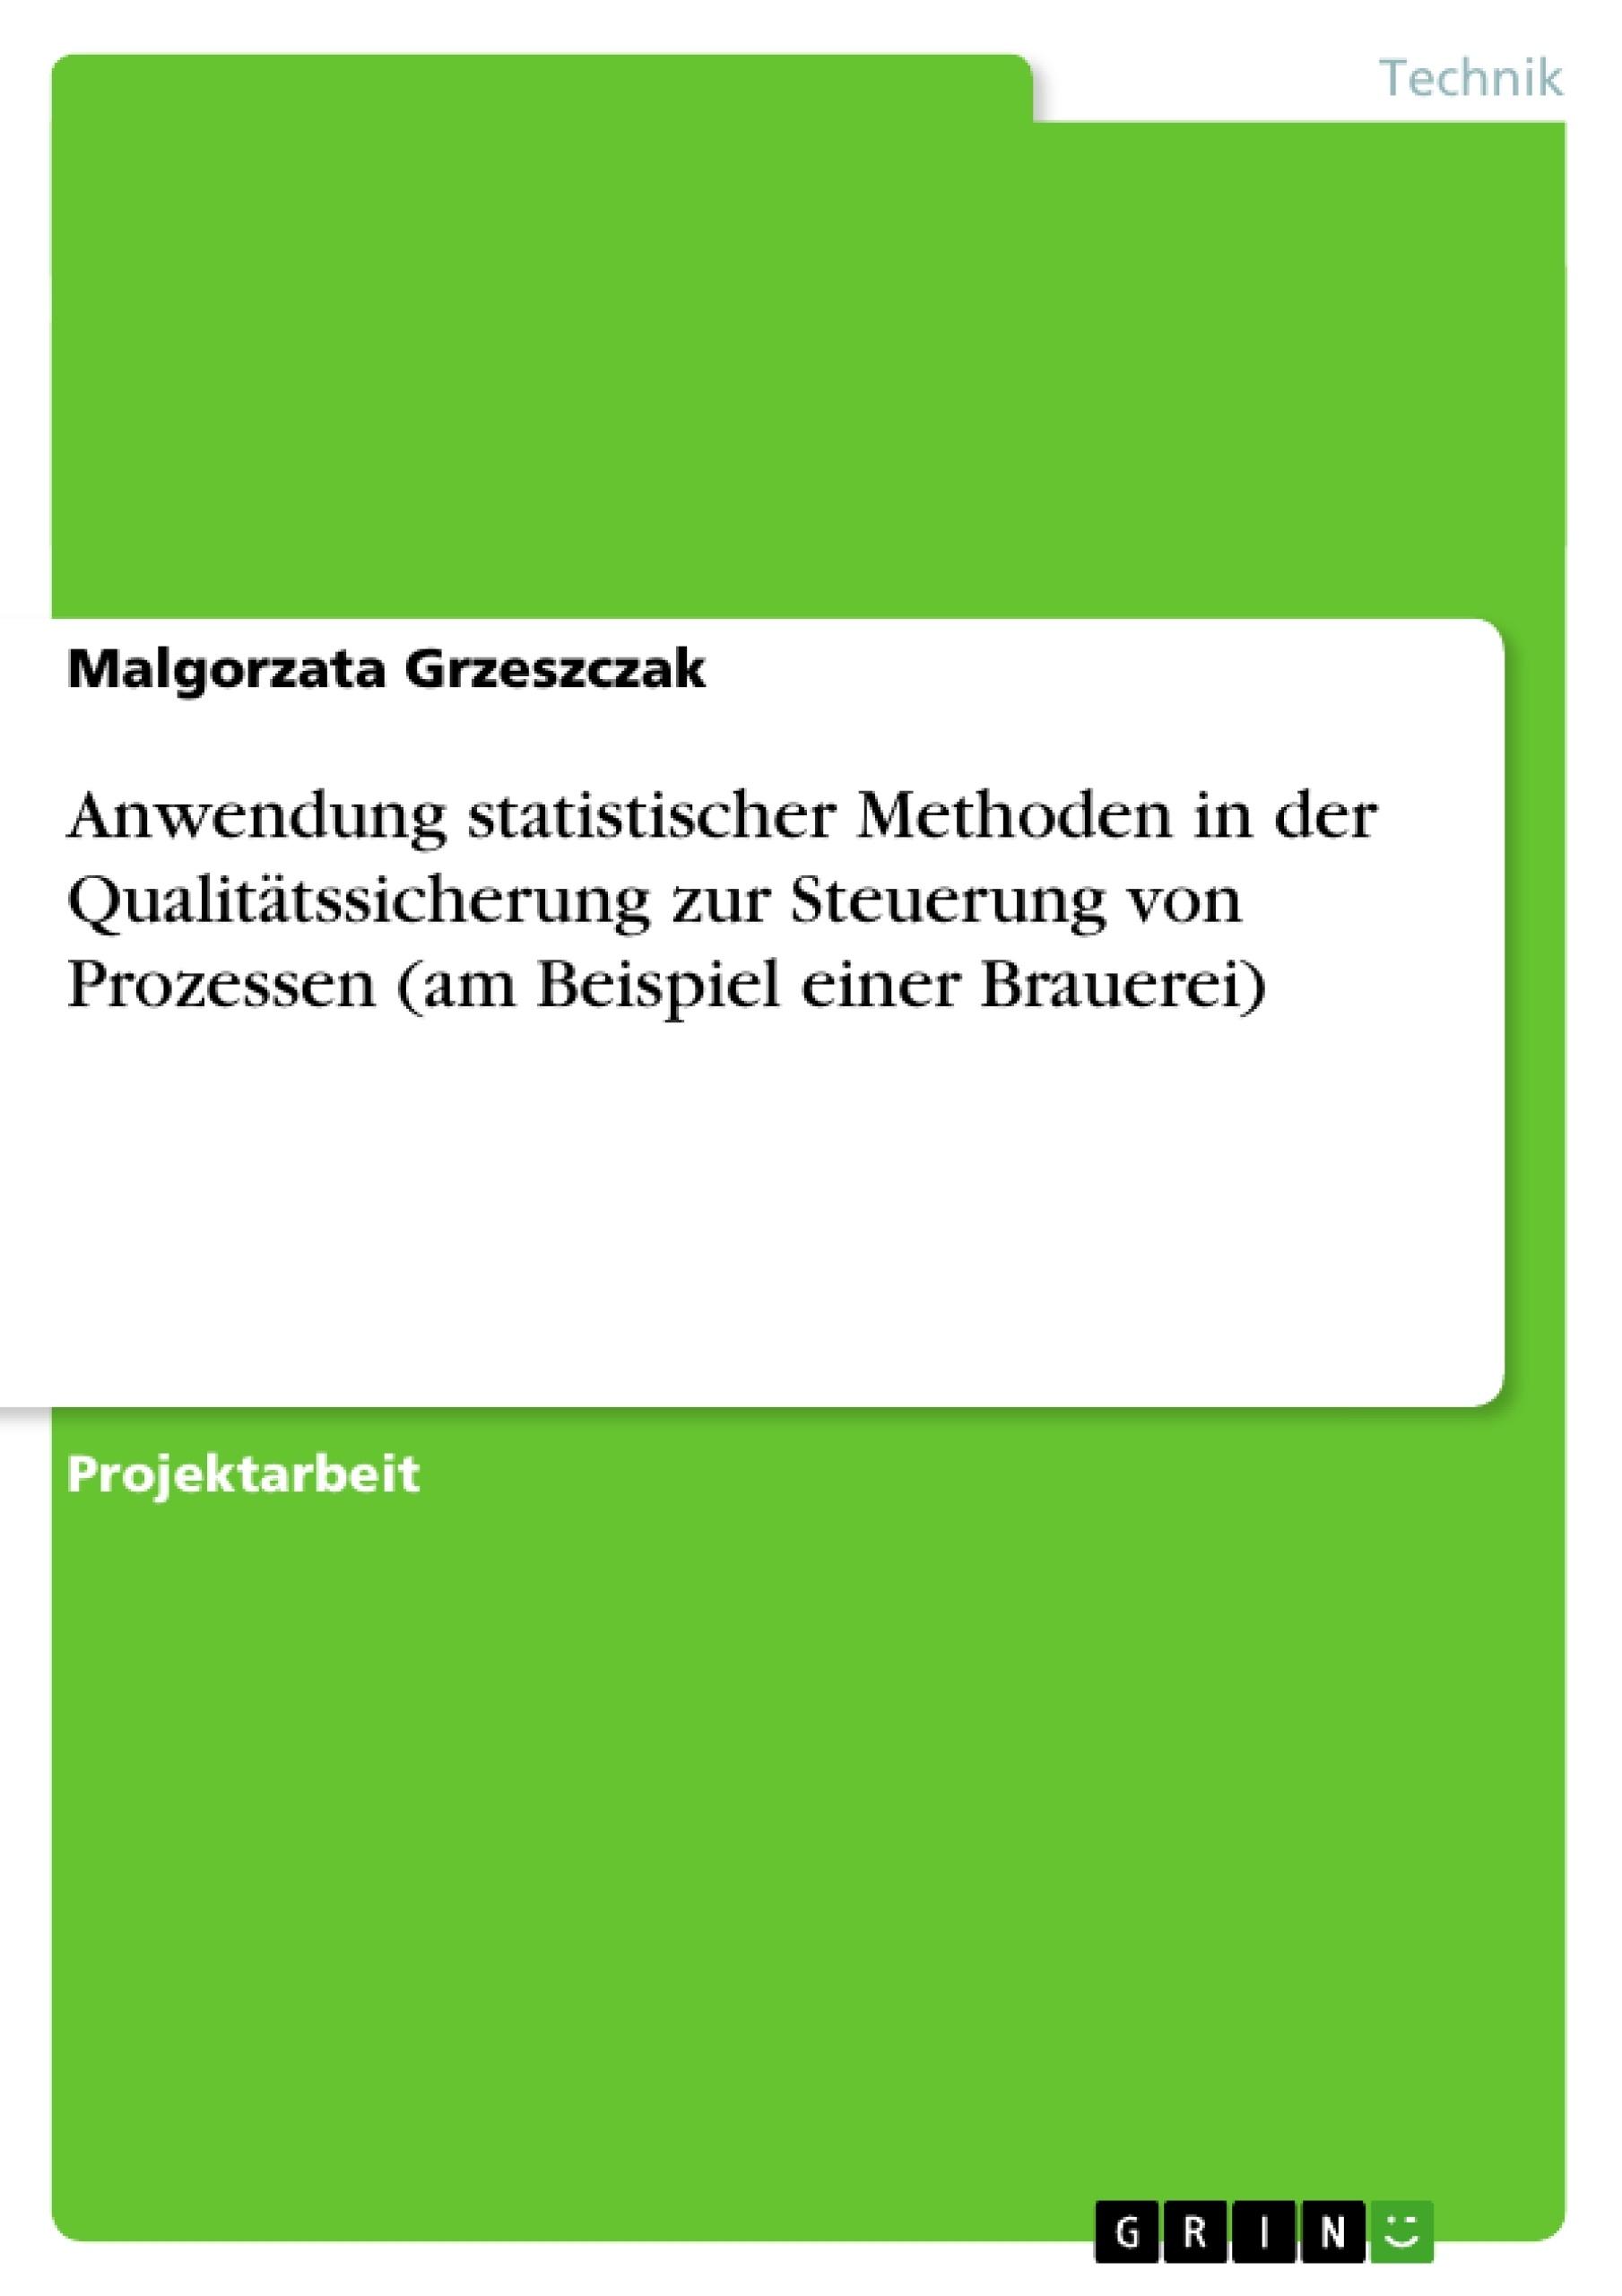 Titel: Anwendung statistischer Methoden in der Qualitätssicherung zur Steuerung von Prozessen (am Beispiel einer Brauerei)